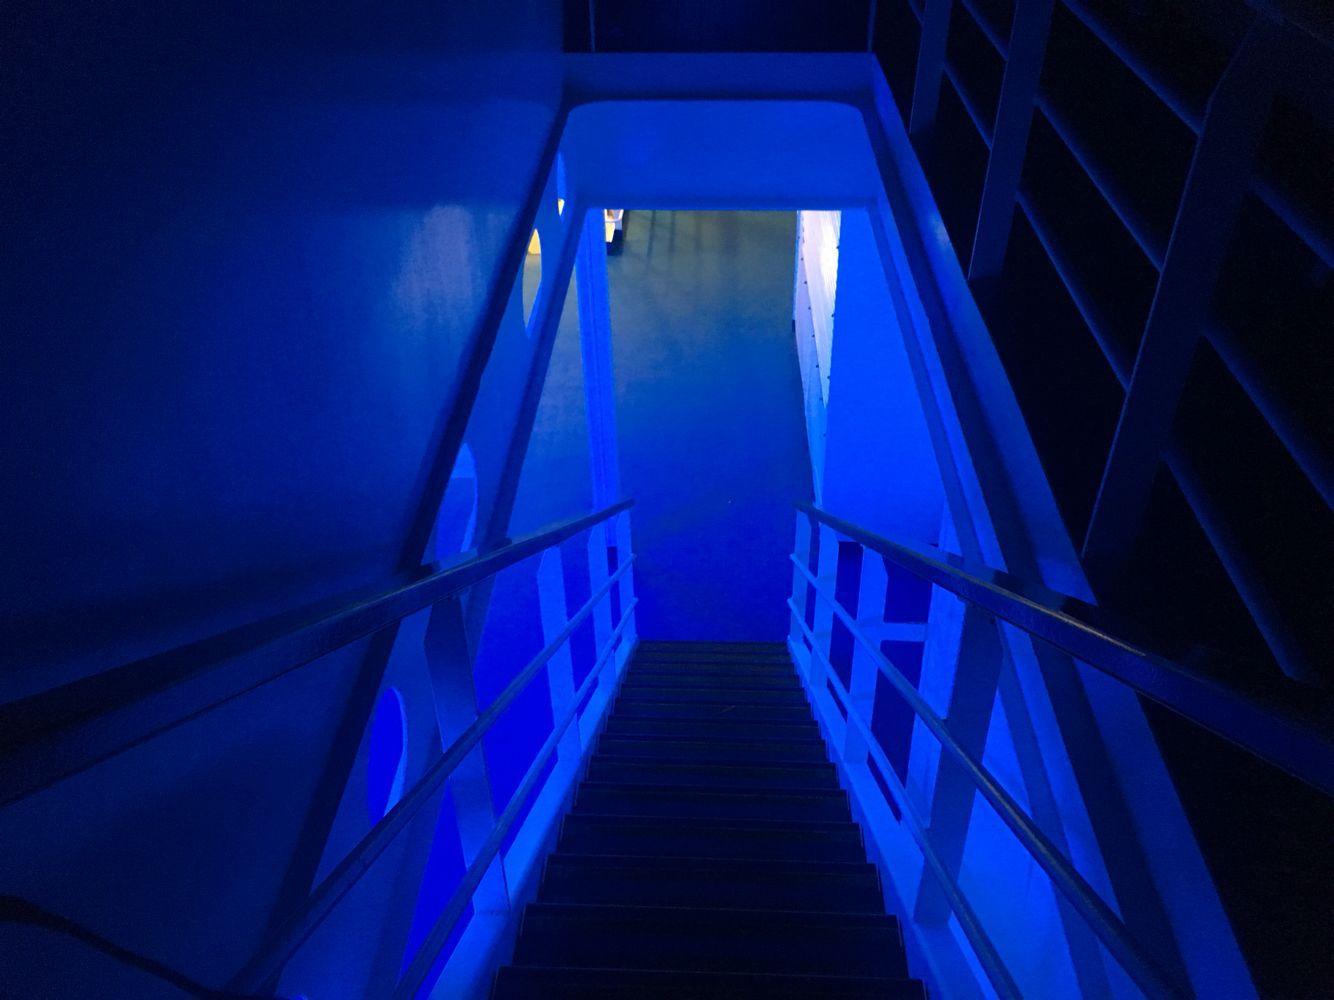 Blue Neon Light For Room